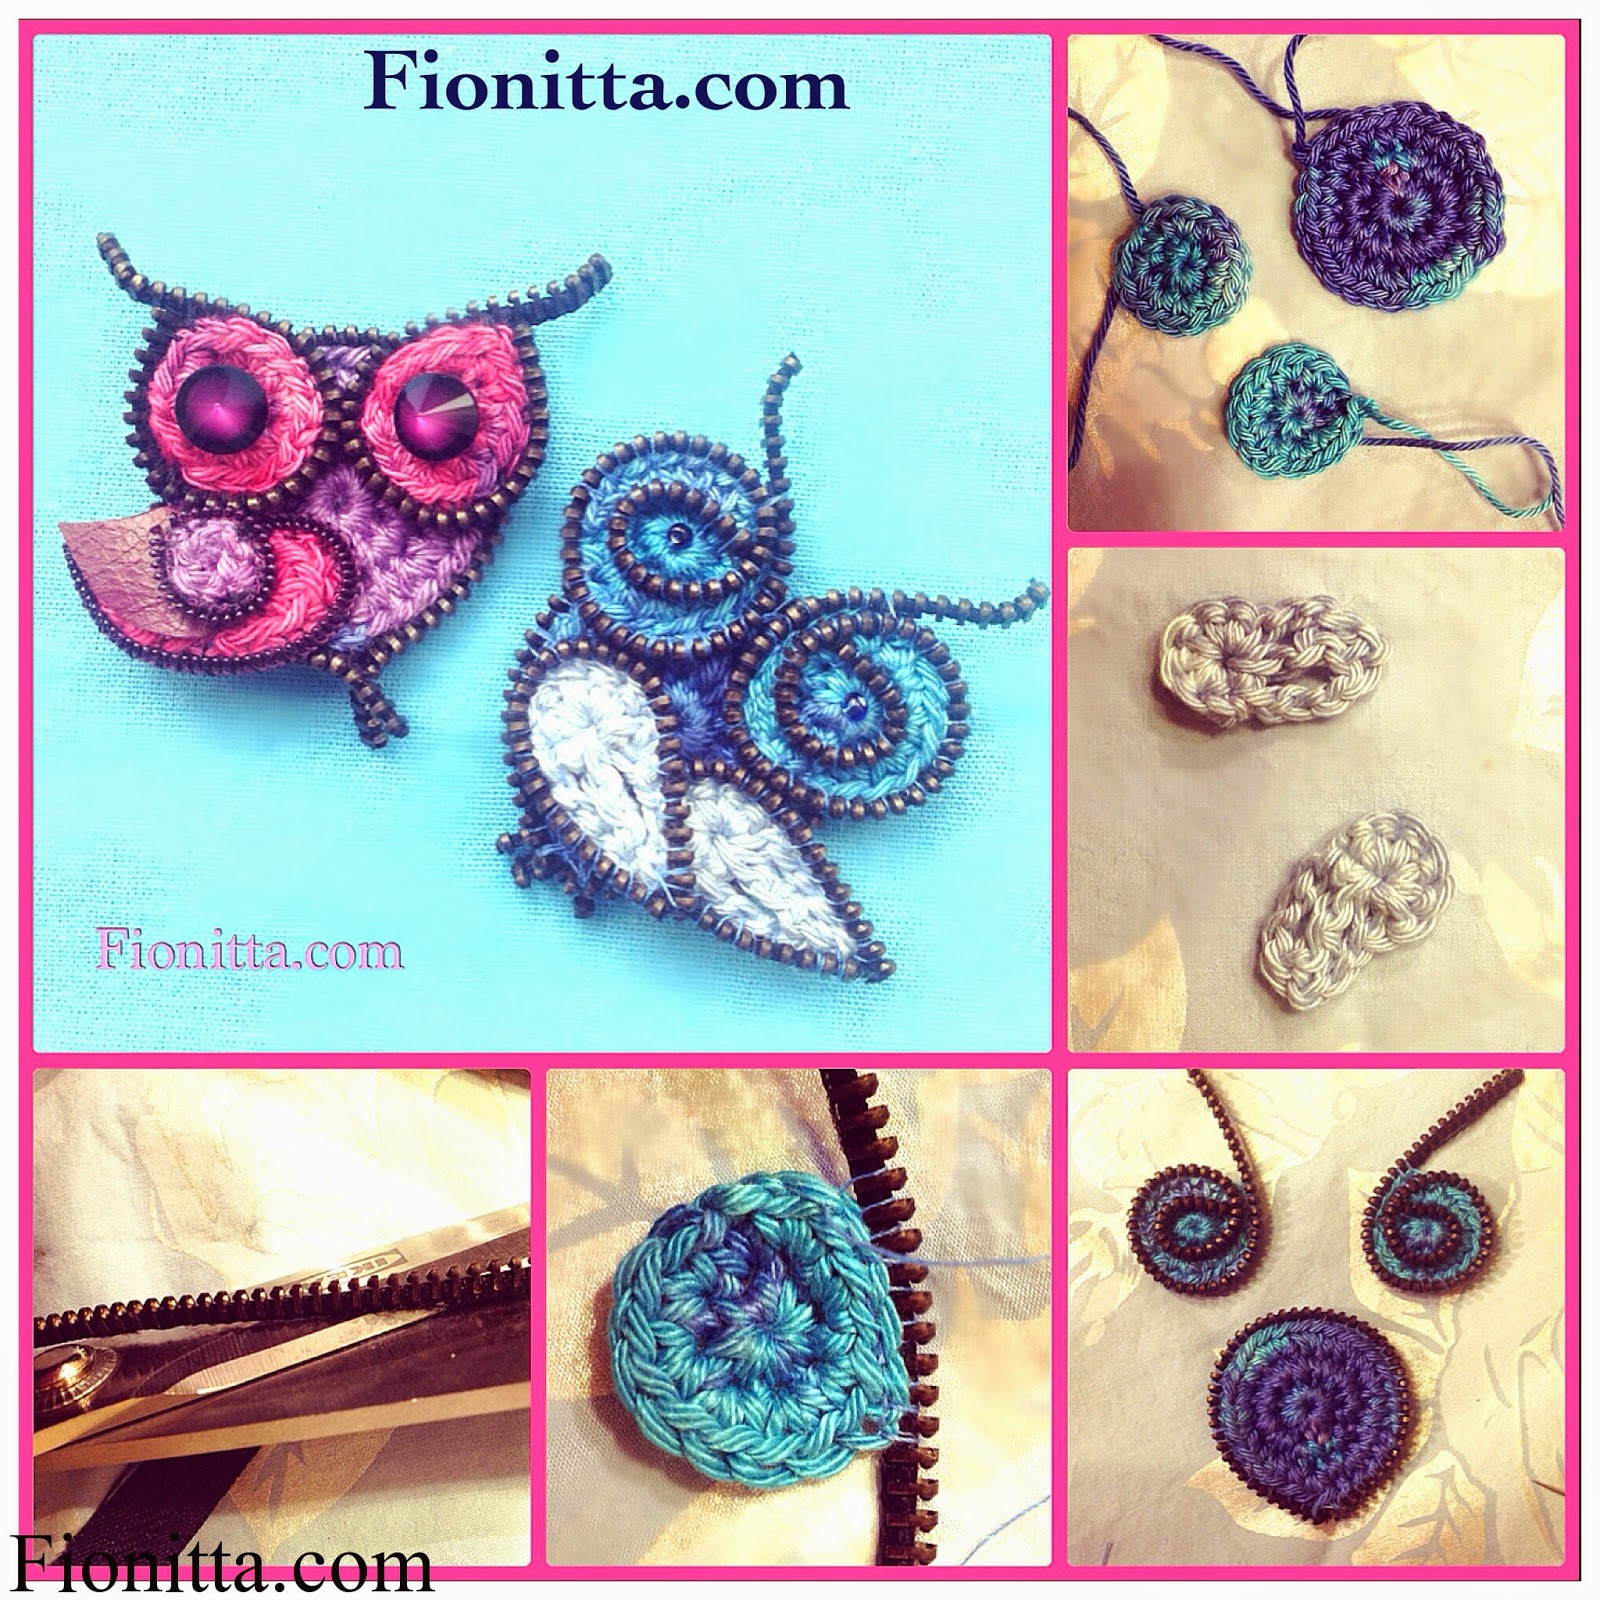 Patrones Para Imprimir De Buhos Crochet   Search Results  